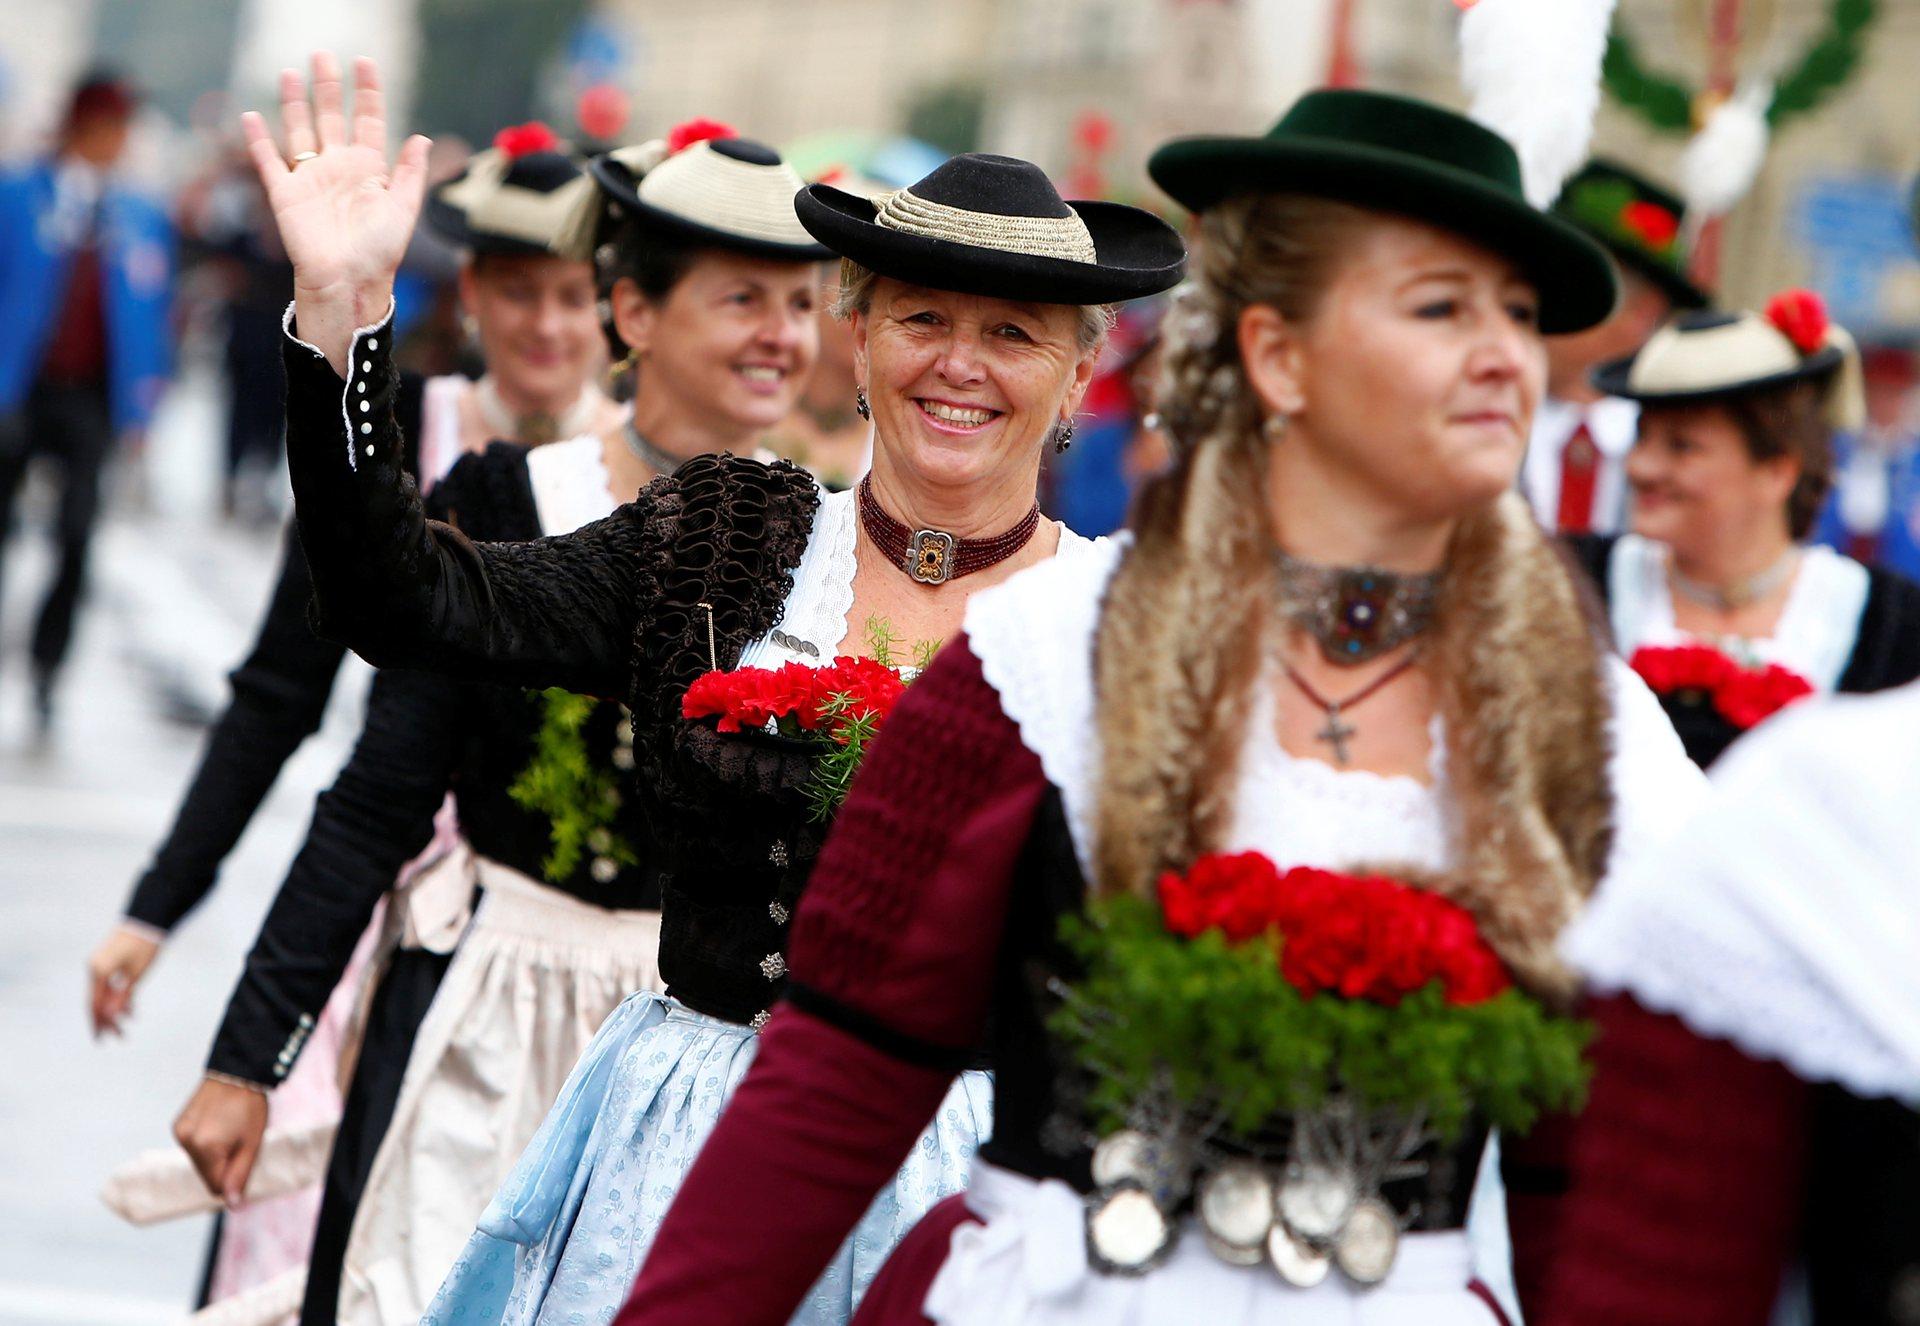 Парад в фестивальных костюмах — одно из главных событий «Октоберфеста». Фото: Michaela Rehle/Reuters